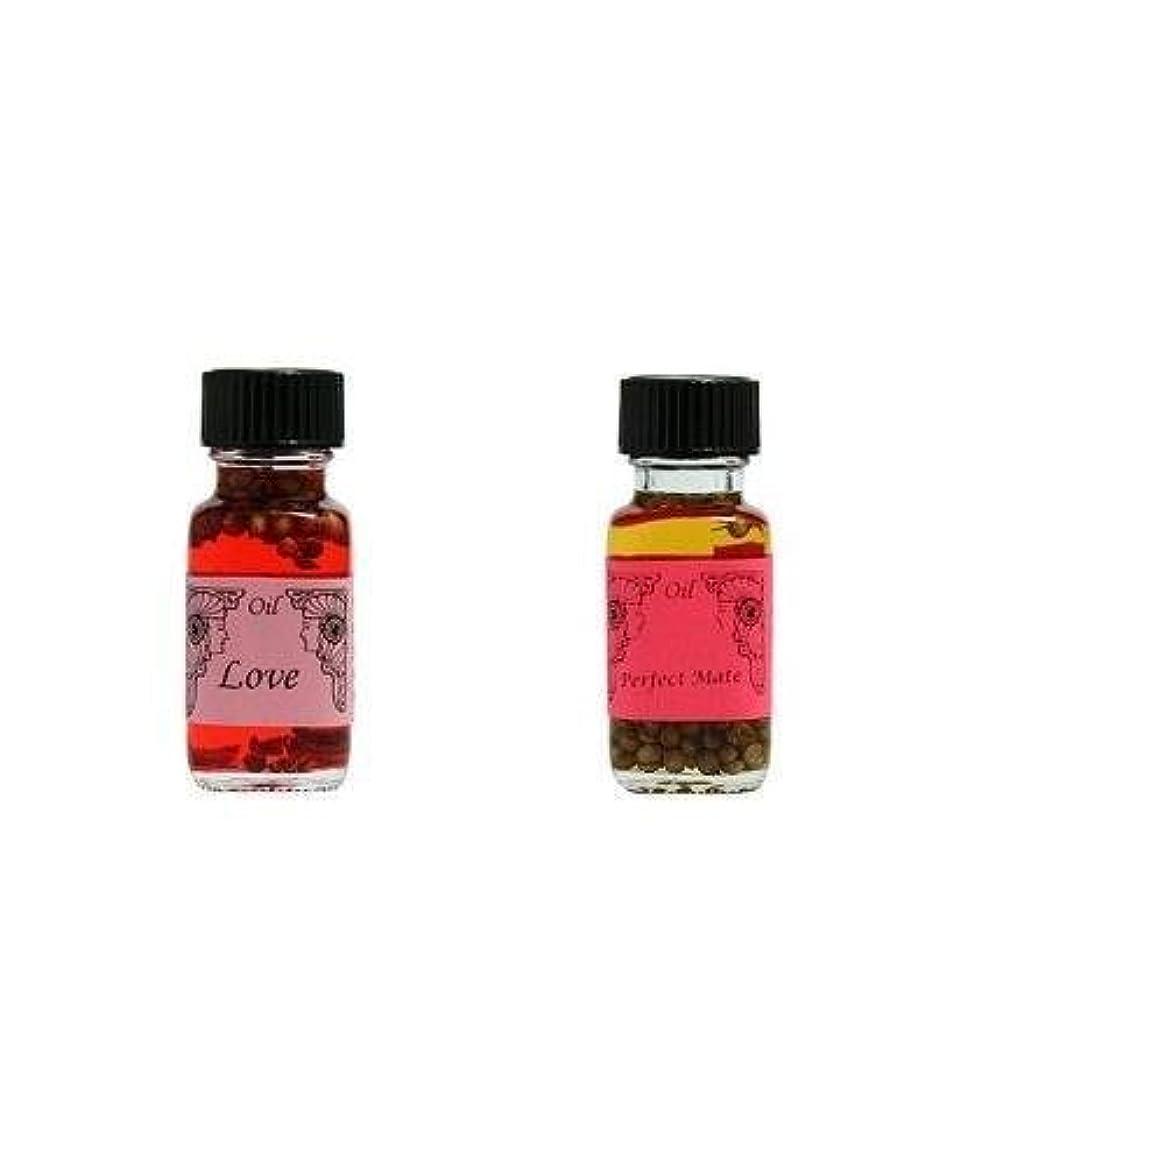 養うマッシュ文法【愛】+【パートナー】Ancient Memory Oils 【人気の2点セット】アンシェントメモリーオイル【LOVE】 +【PERFECT MATE】 【海外直送品】